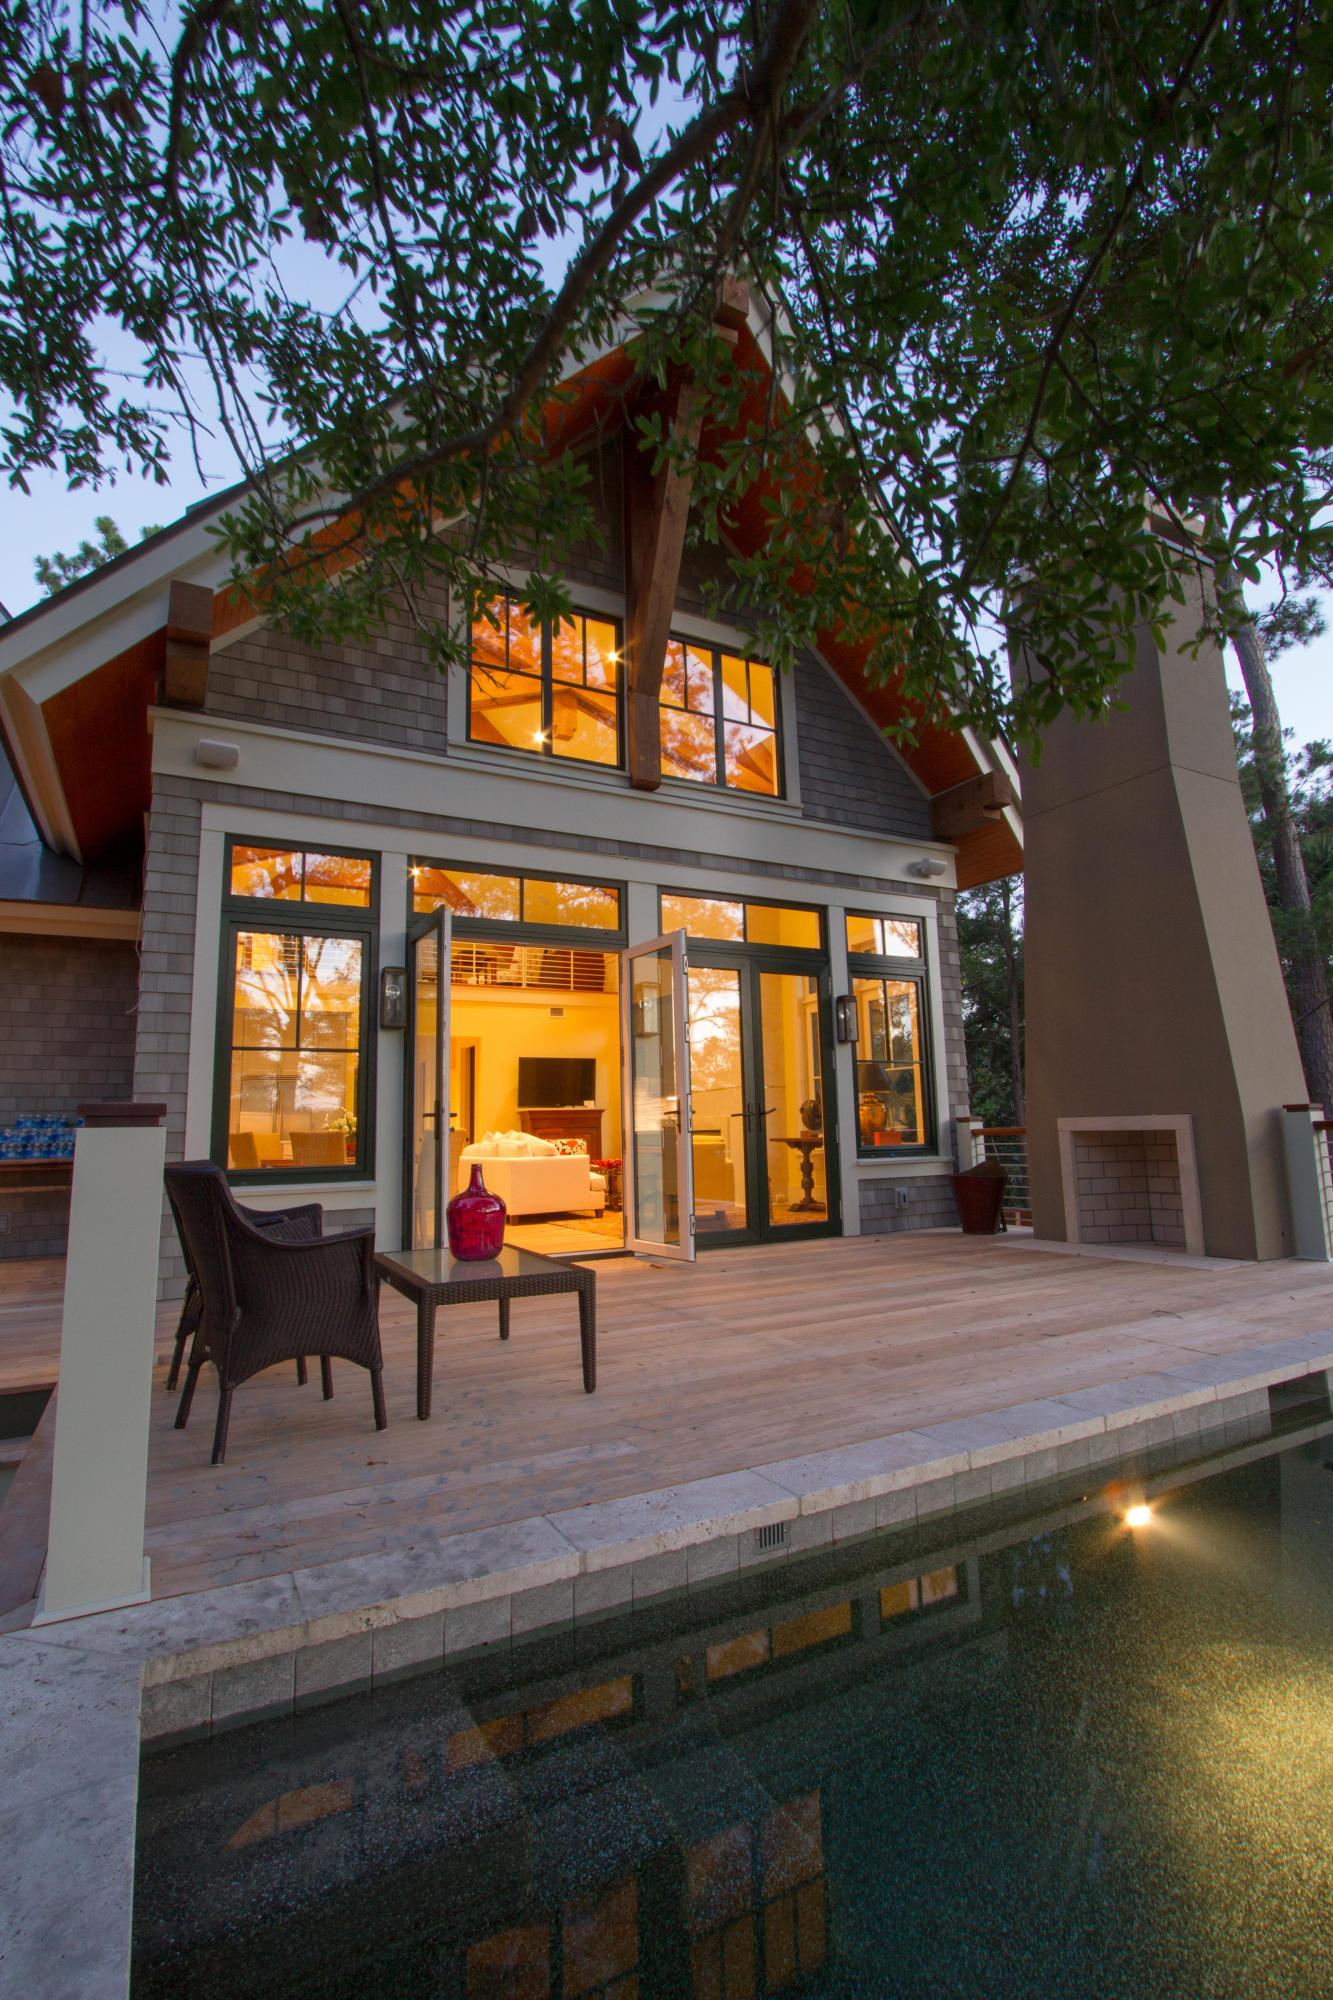 Kiawah Island Homes For Sale - 123 Halona, Kiawah Island, SC - 23